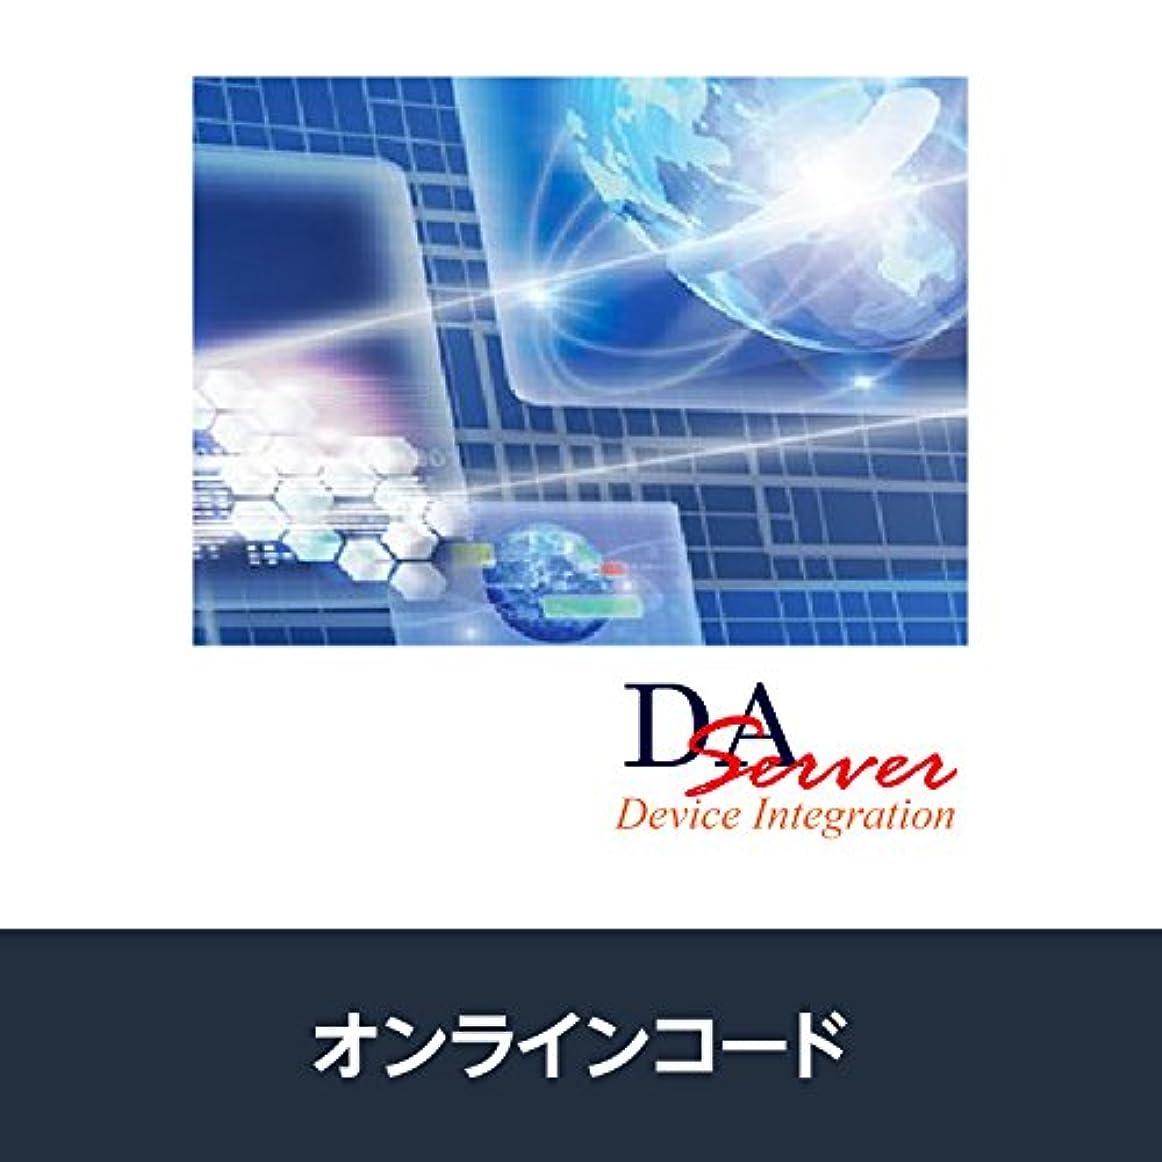 オーストラリア人モネ昆虫MELSEC Board DAServer(最新) Ver.2.30 |オンラインコード版